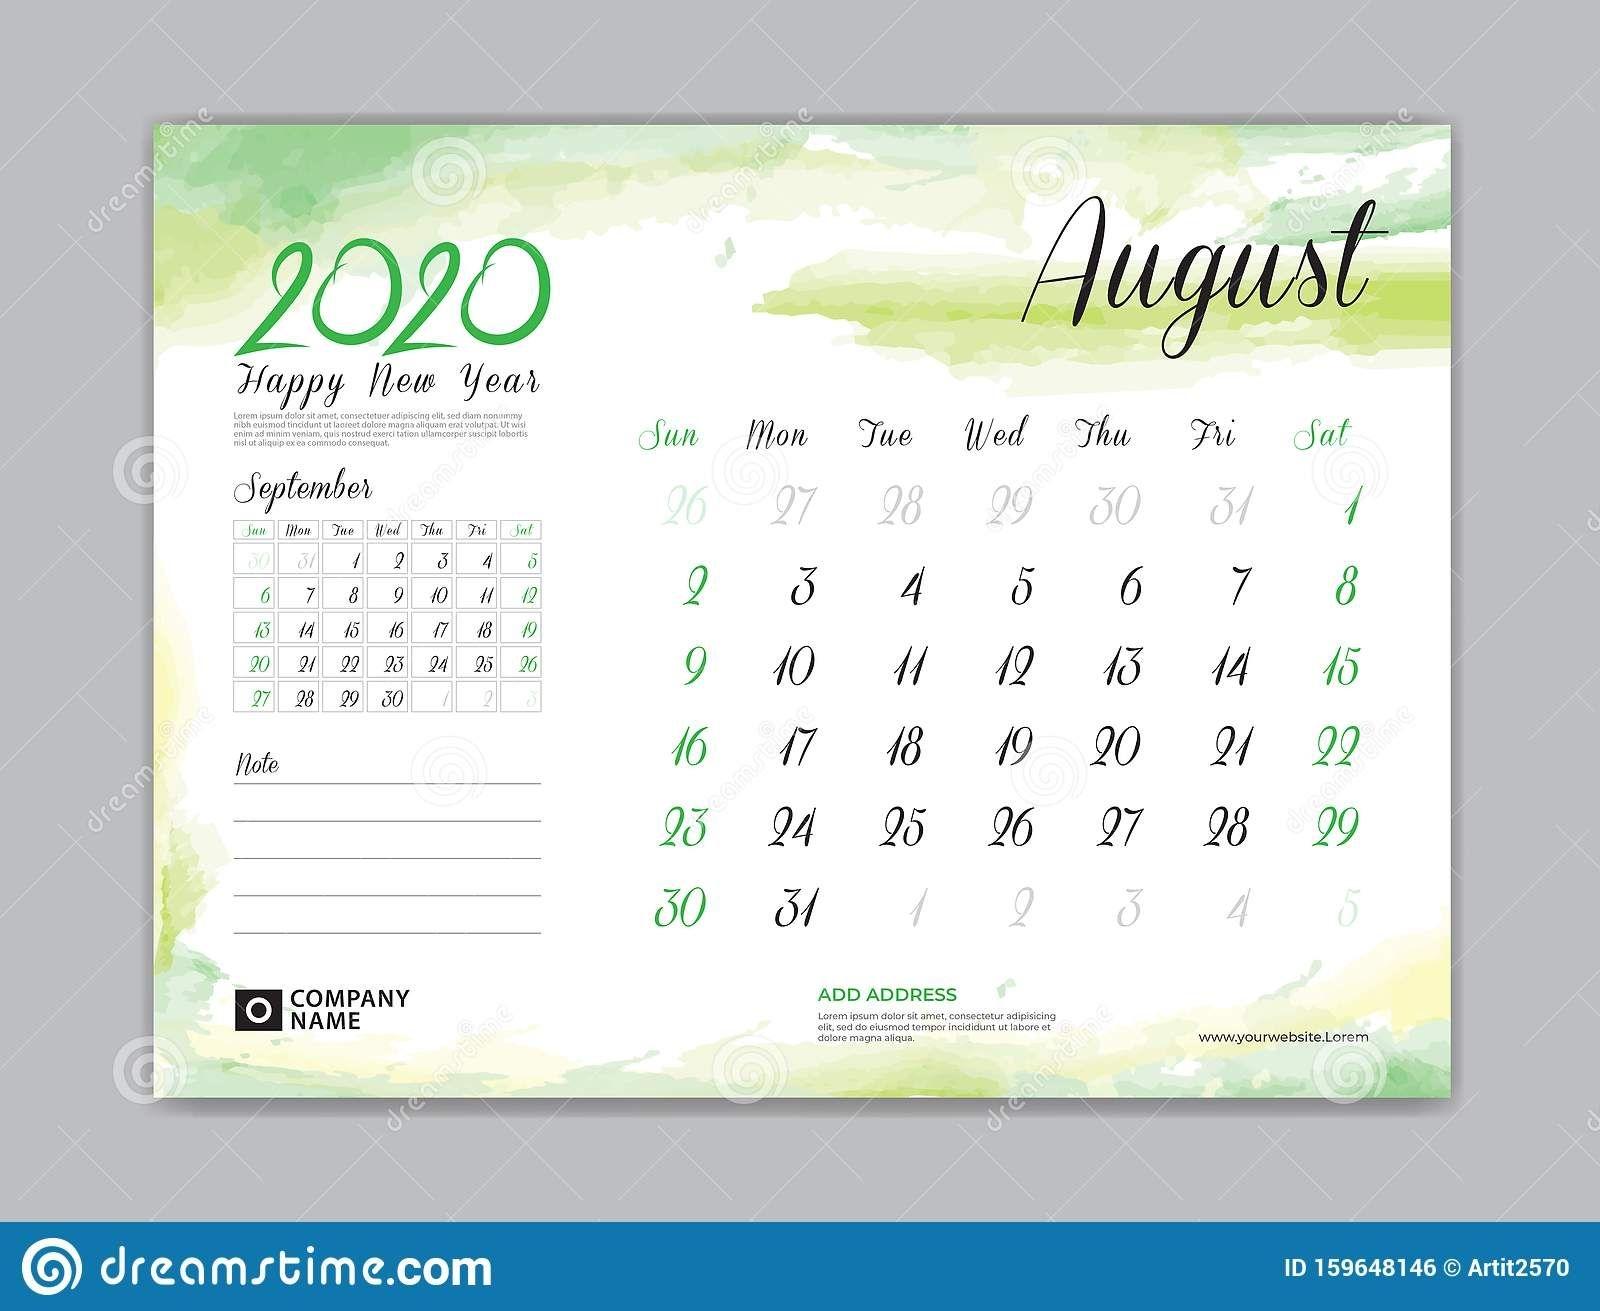 calendar for 2020 year template, august month, desk calendar